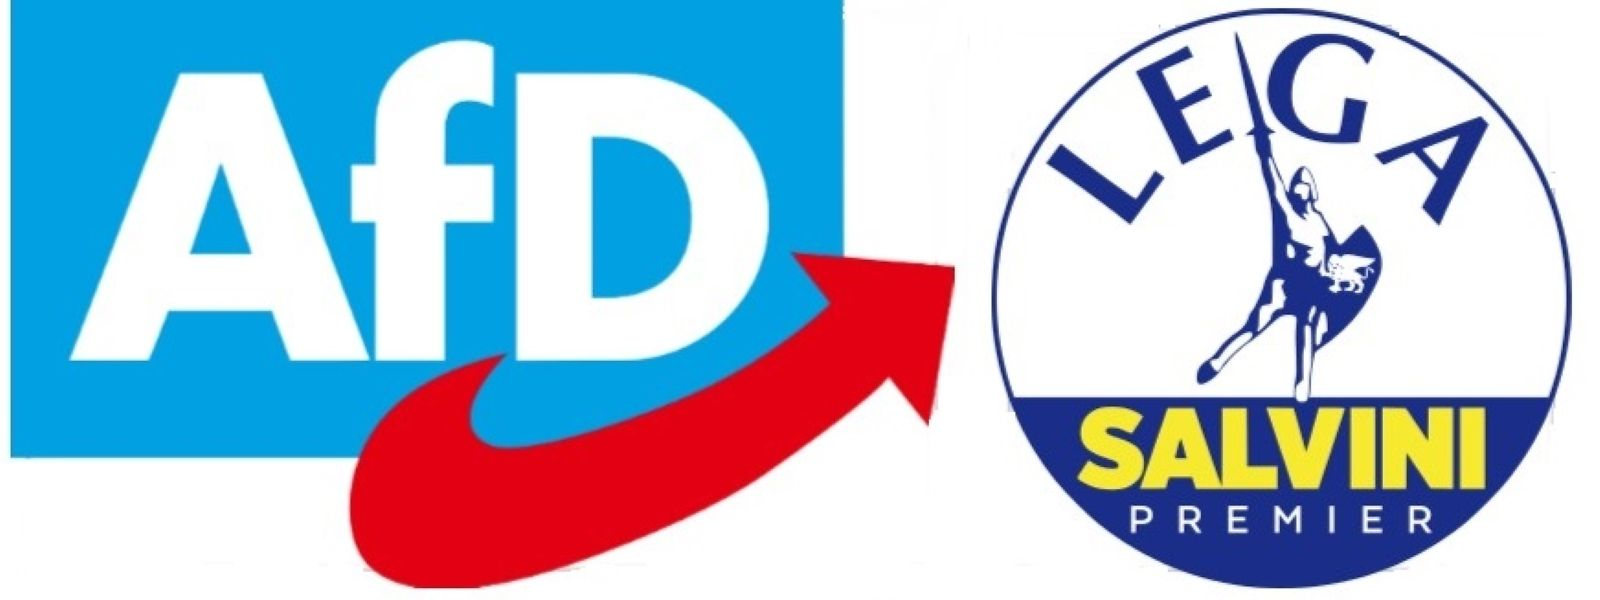 Die deutsche AfD und italienische Lega Nord wollen bald gemeinsame Sache machen.